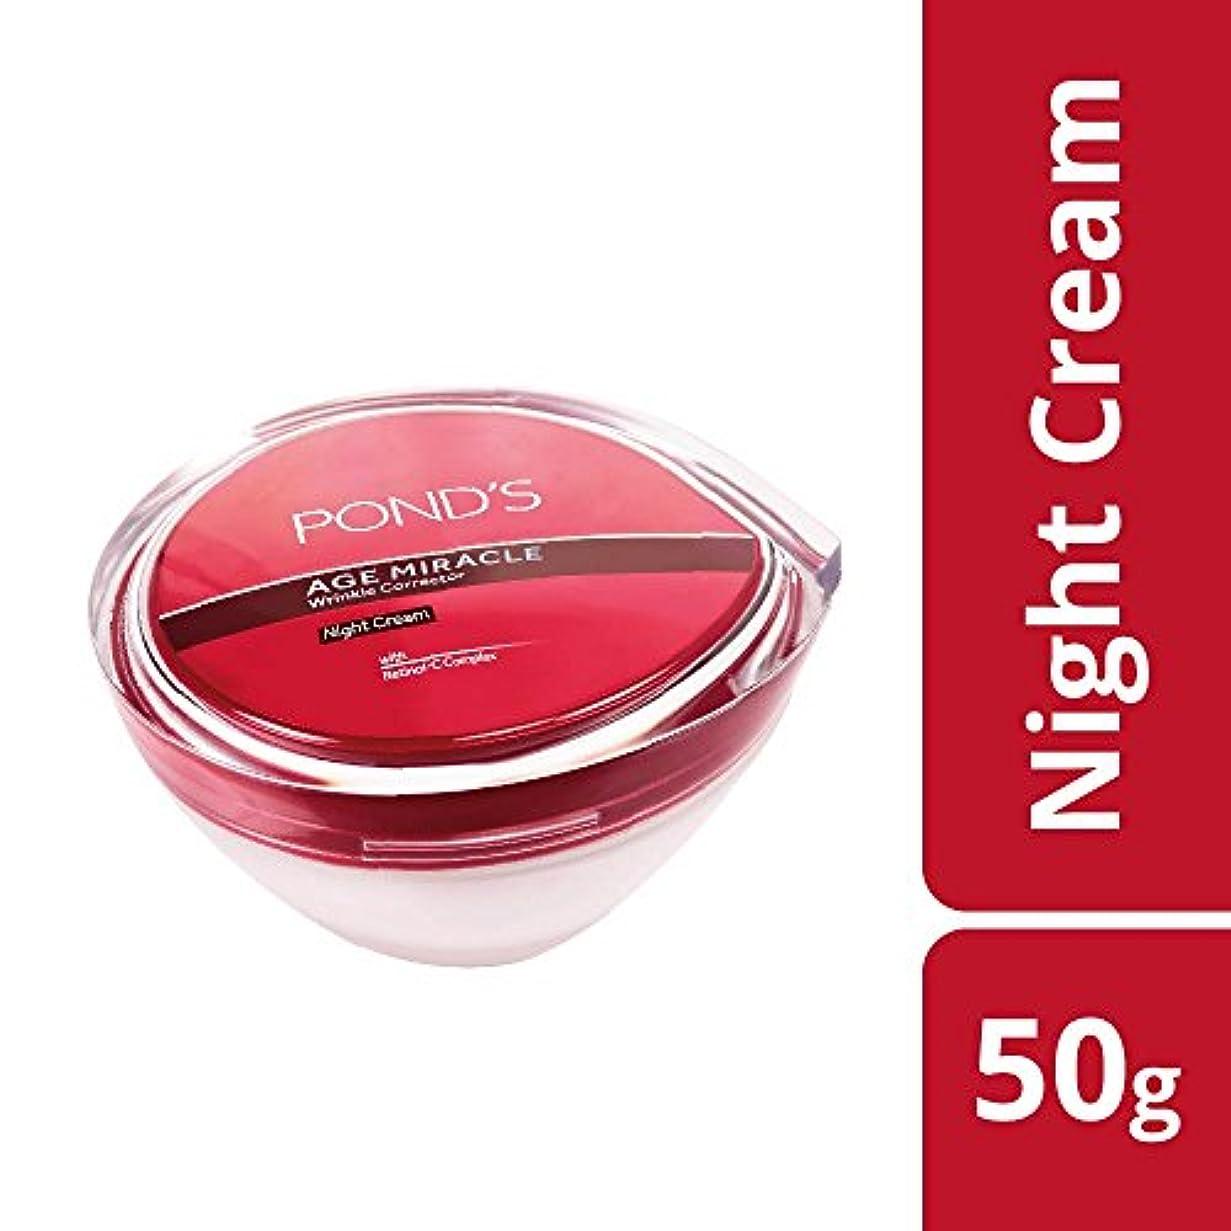 アラーム晴れ優越Ponds Age Miracle Wrinkle Corrector Night Cream, 50g